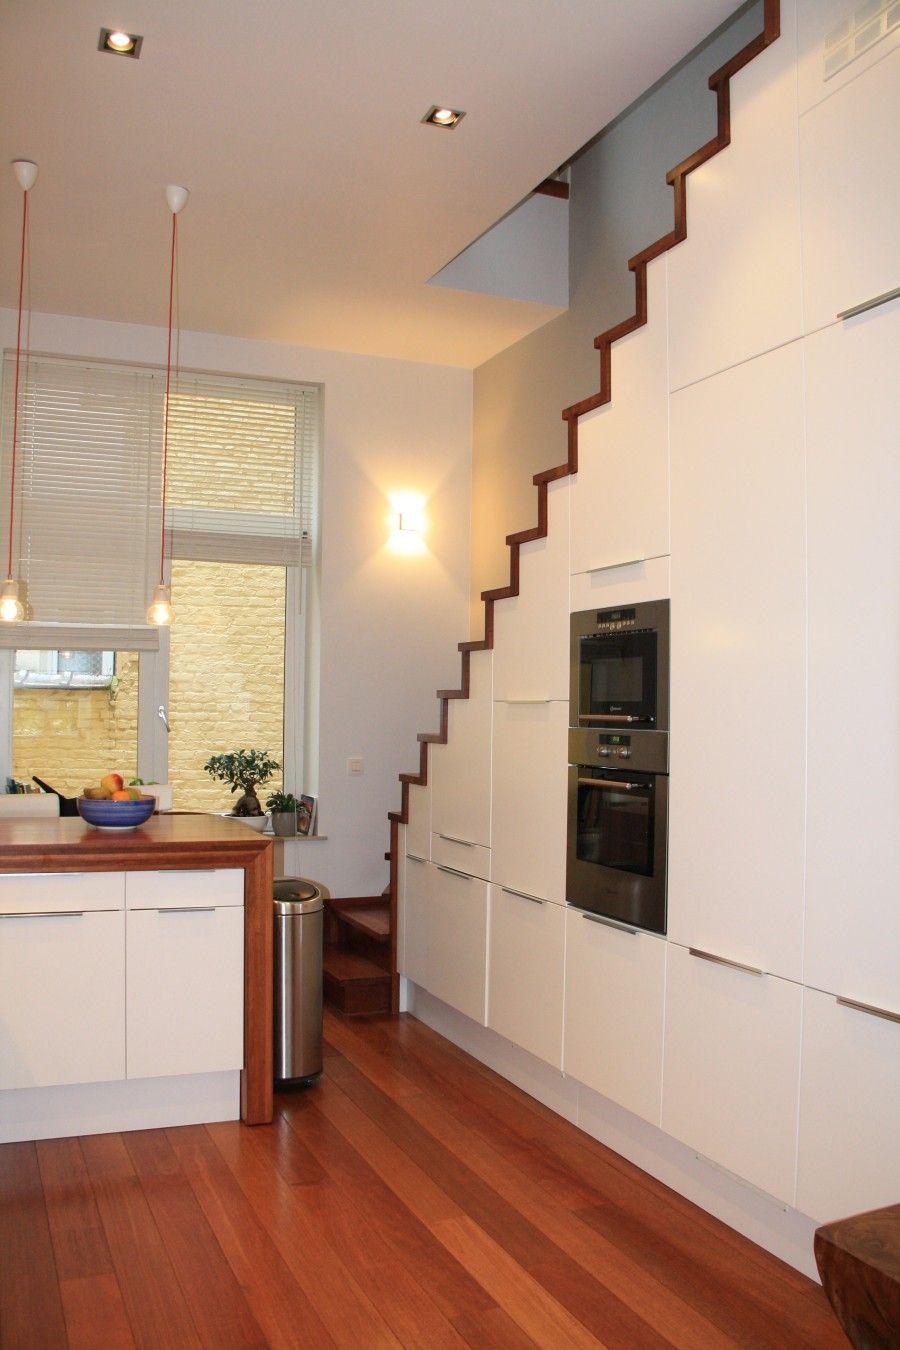 ondr de trap Kitchen under stairs, Under stairs